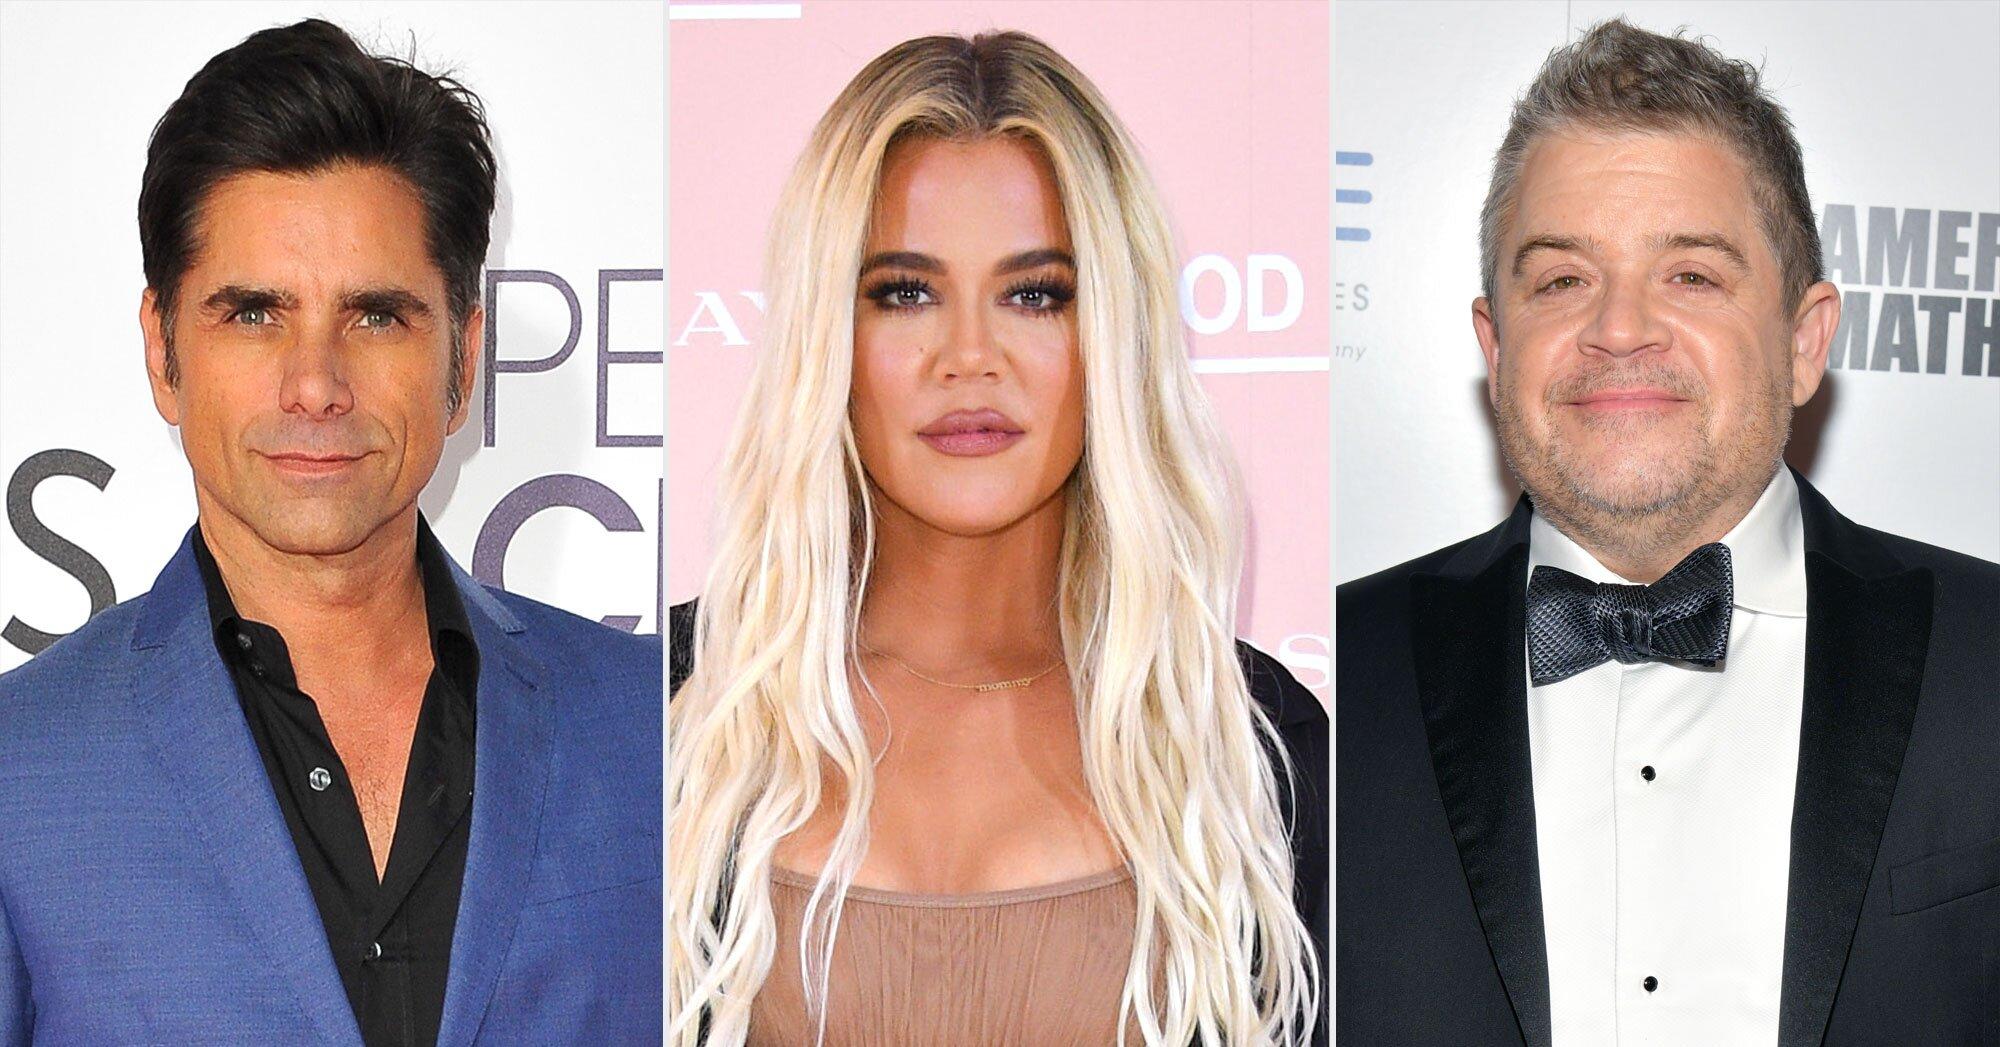 John Stamos, Kelly Clarkson, Patton Oswalt, and more react to California earthquake